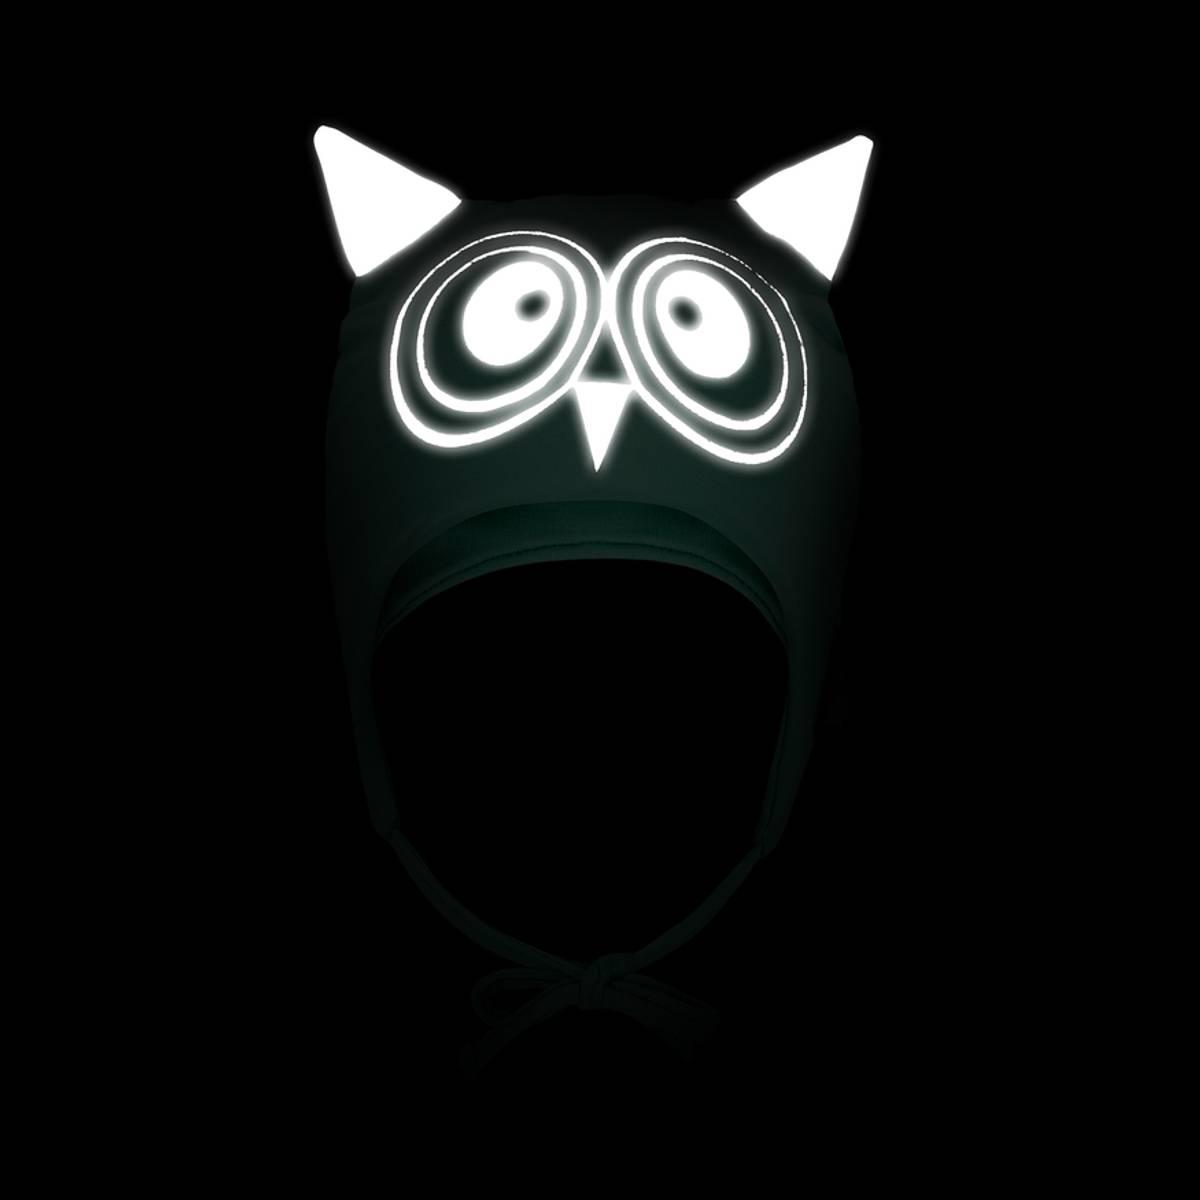 Morild Funkle snørelue med refleks, puddergrønn ugle